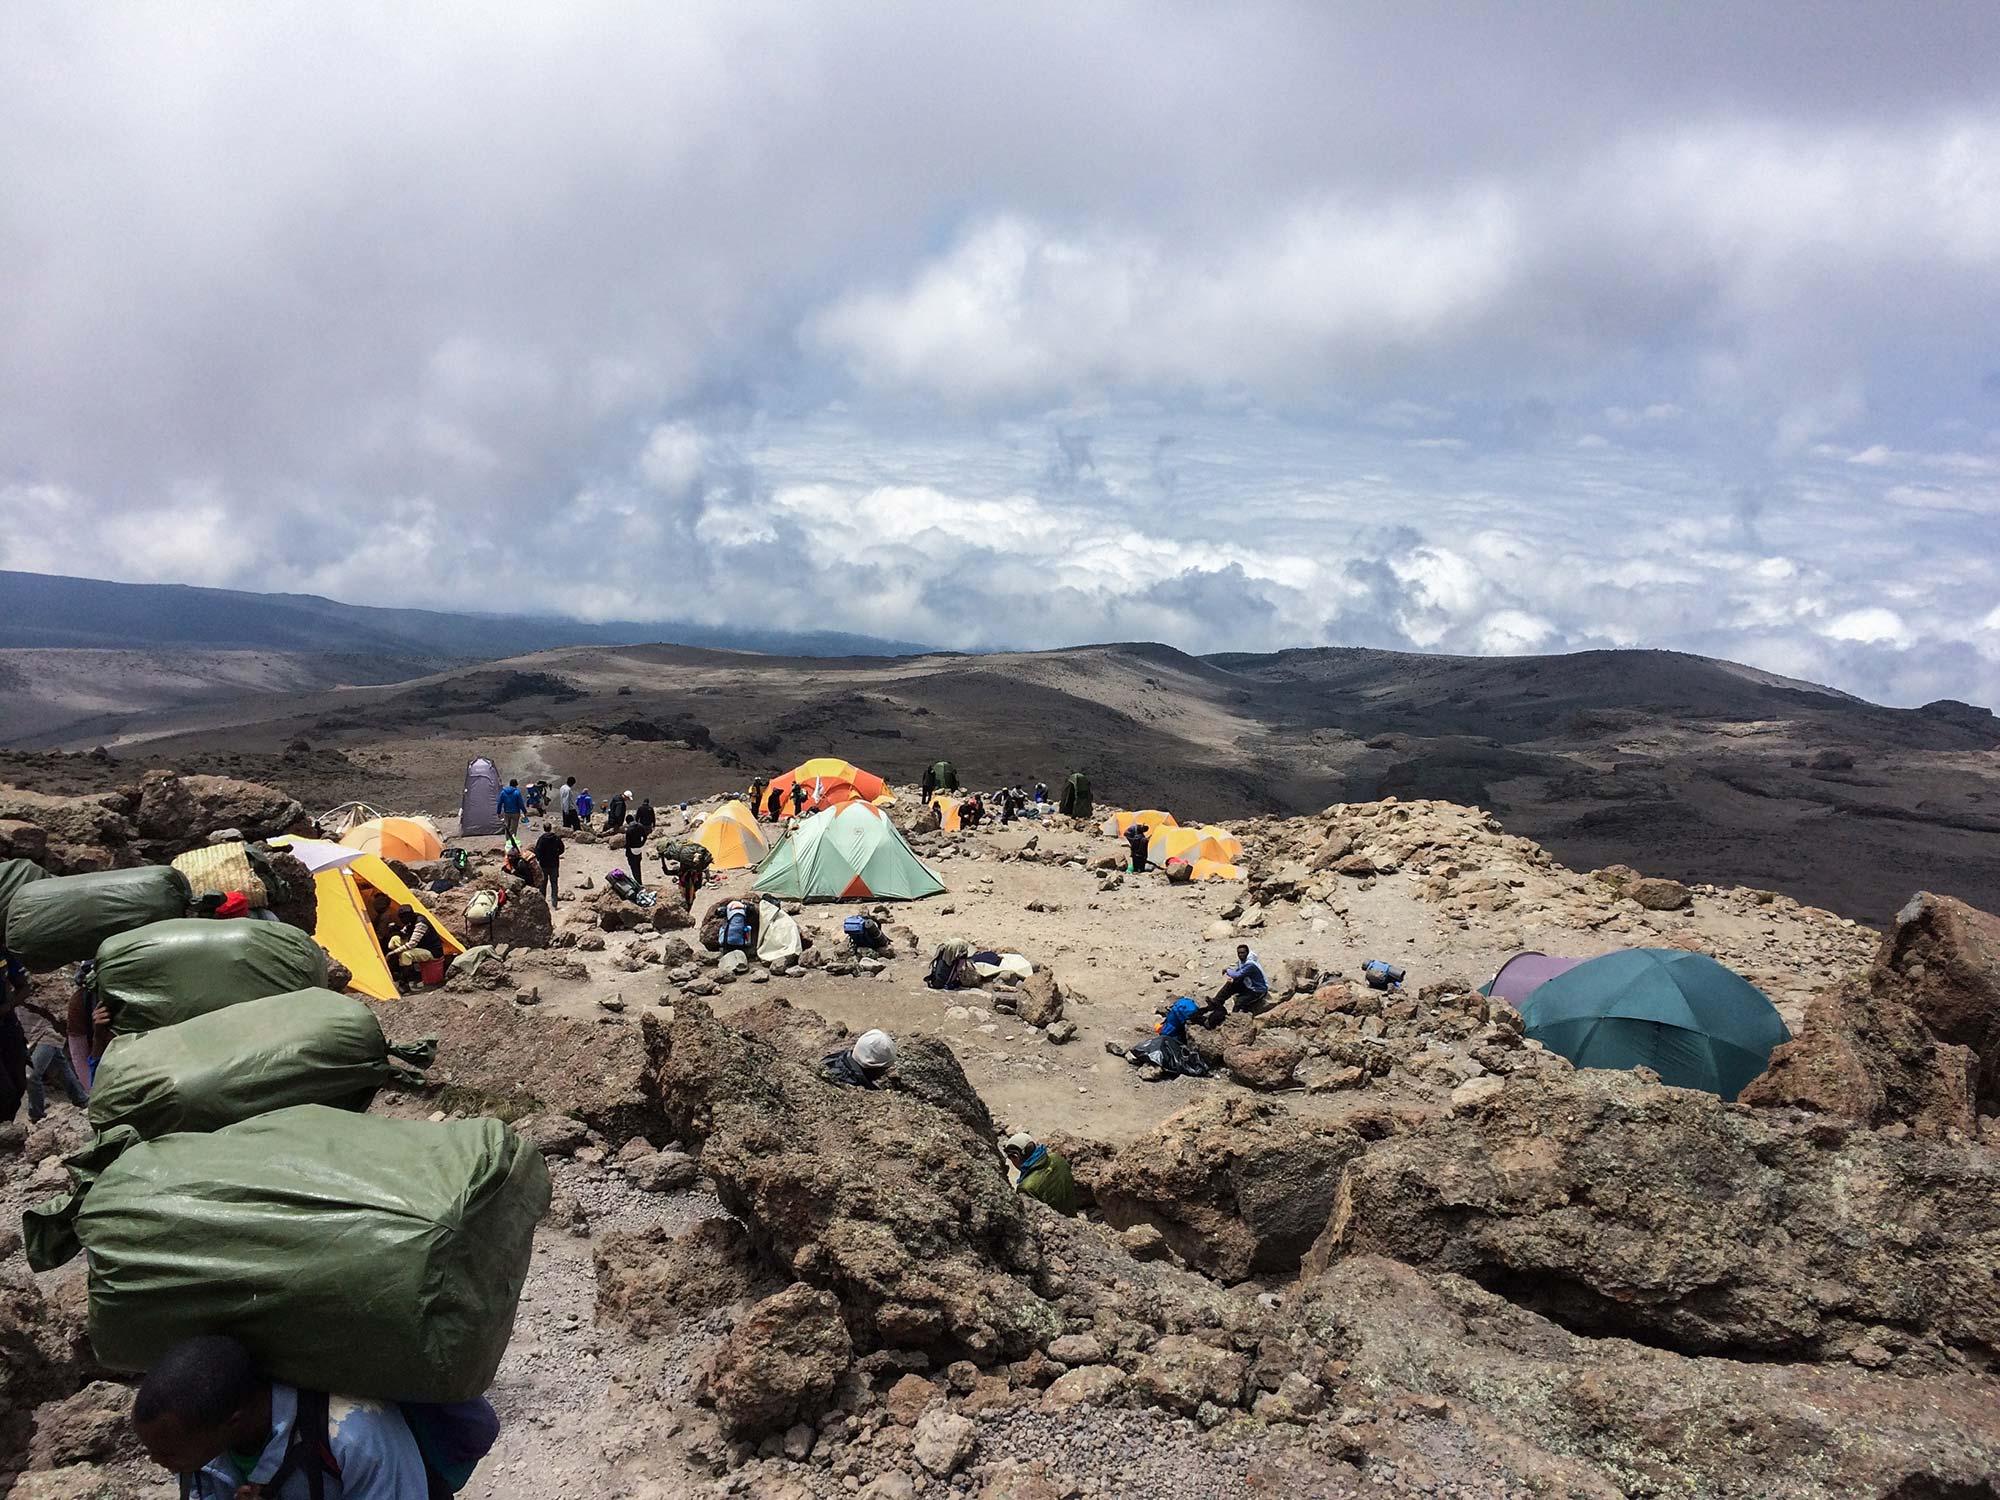 D6-40-duma-explorers-bet-spot-barufu-camp-kilimanjaro.jpg